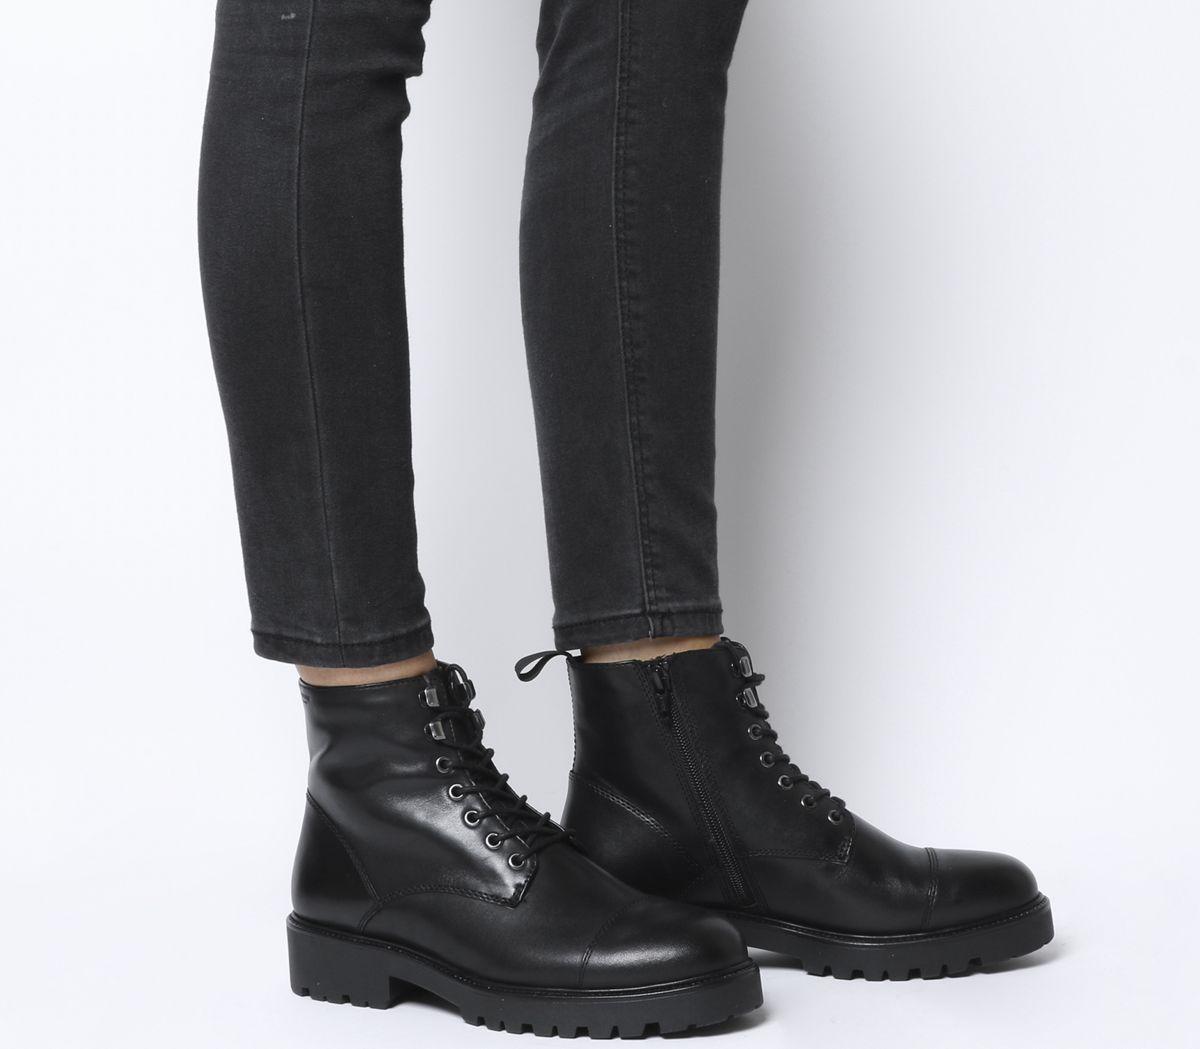 c80d63492a7 Kenova Warm Lined Boots